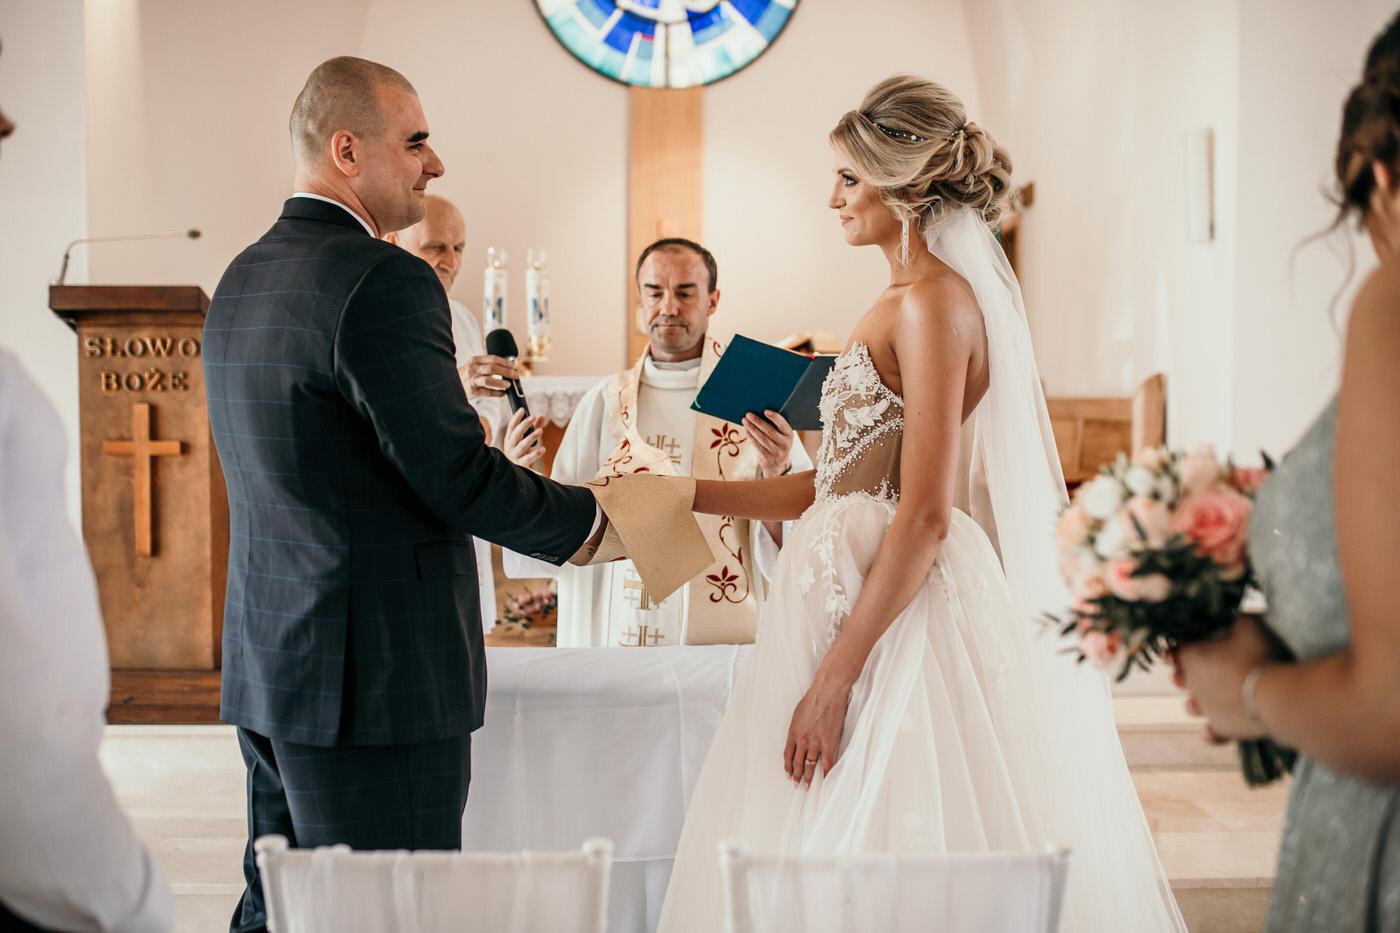 Slow Wedding - nowoczesne wesele Gdańsk 29